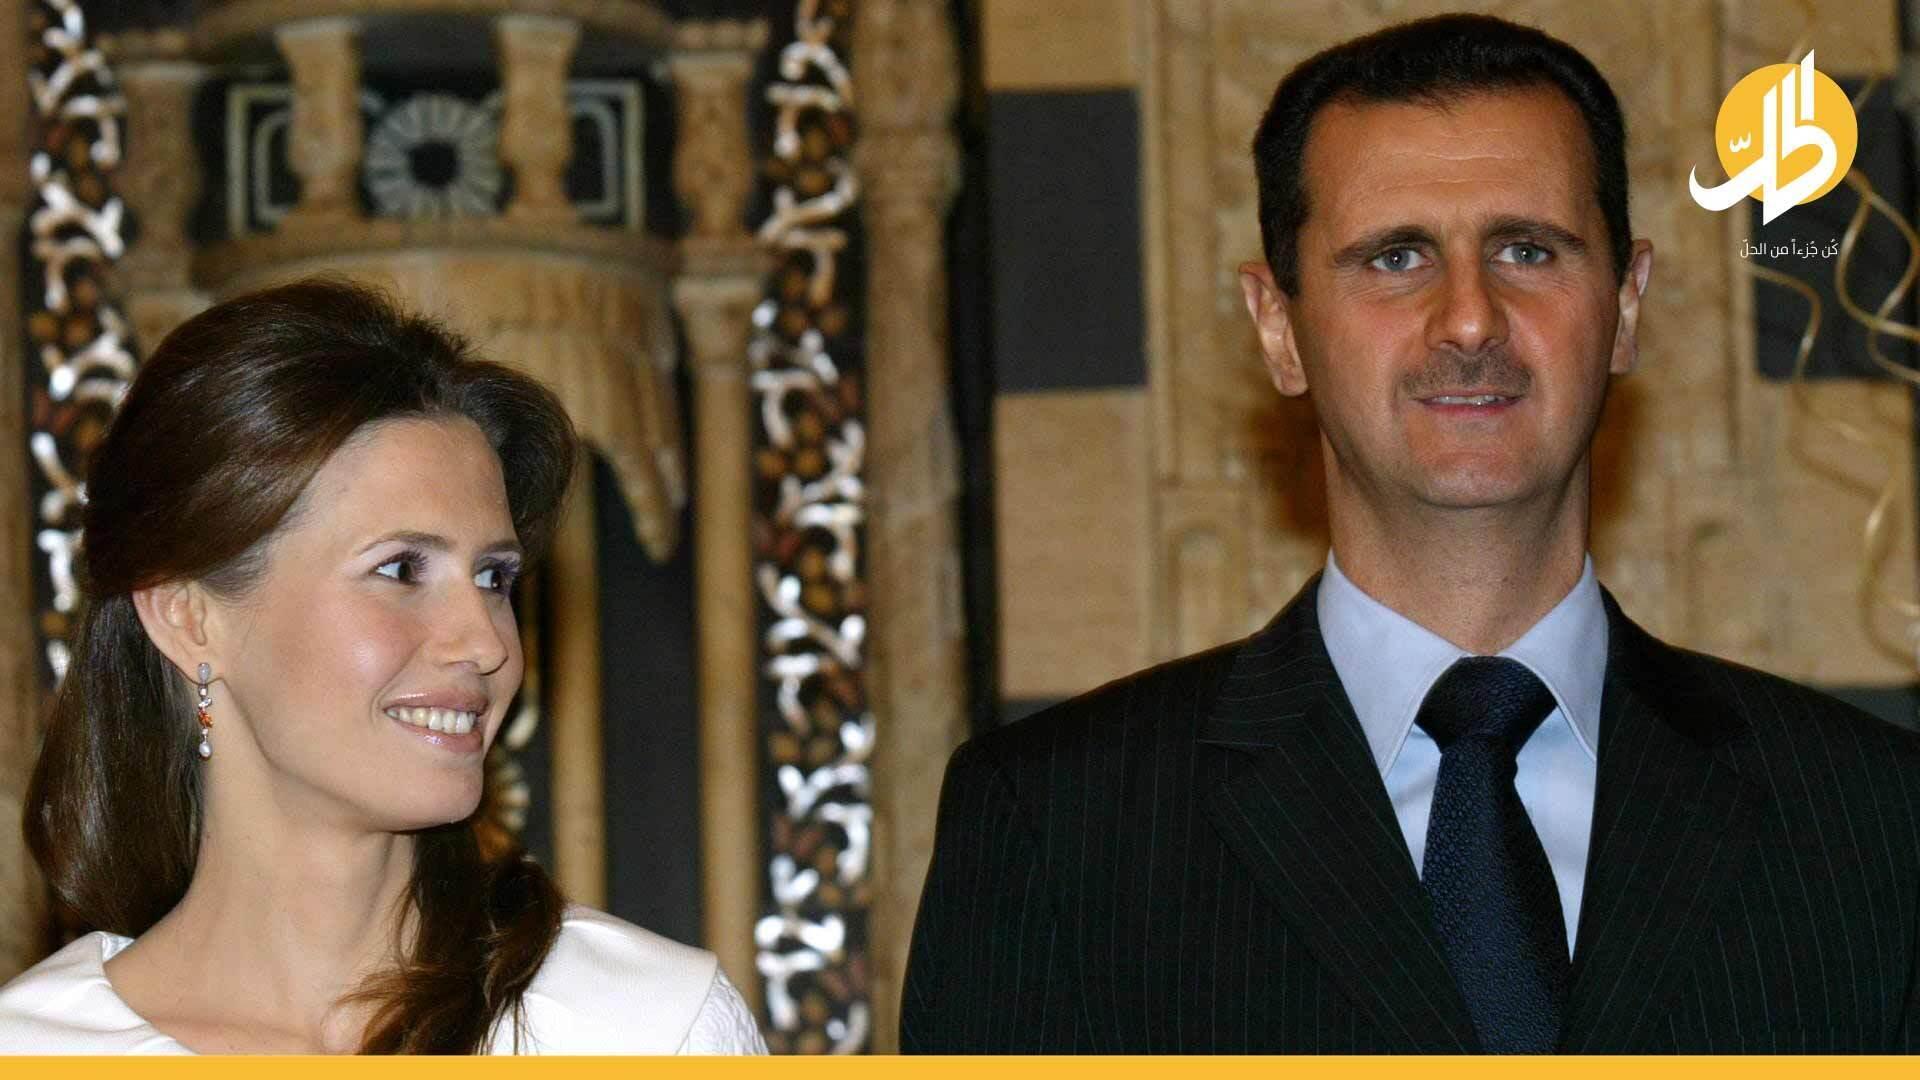 سر اختفاء بشار الأشد وزوجته لفترة طويلة واستسلامه للولايات المتحدة